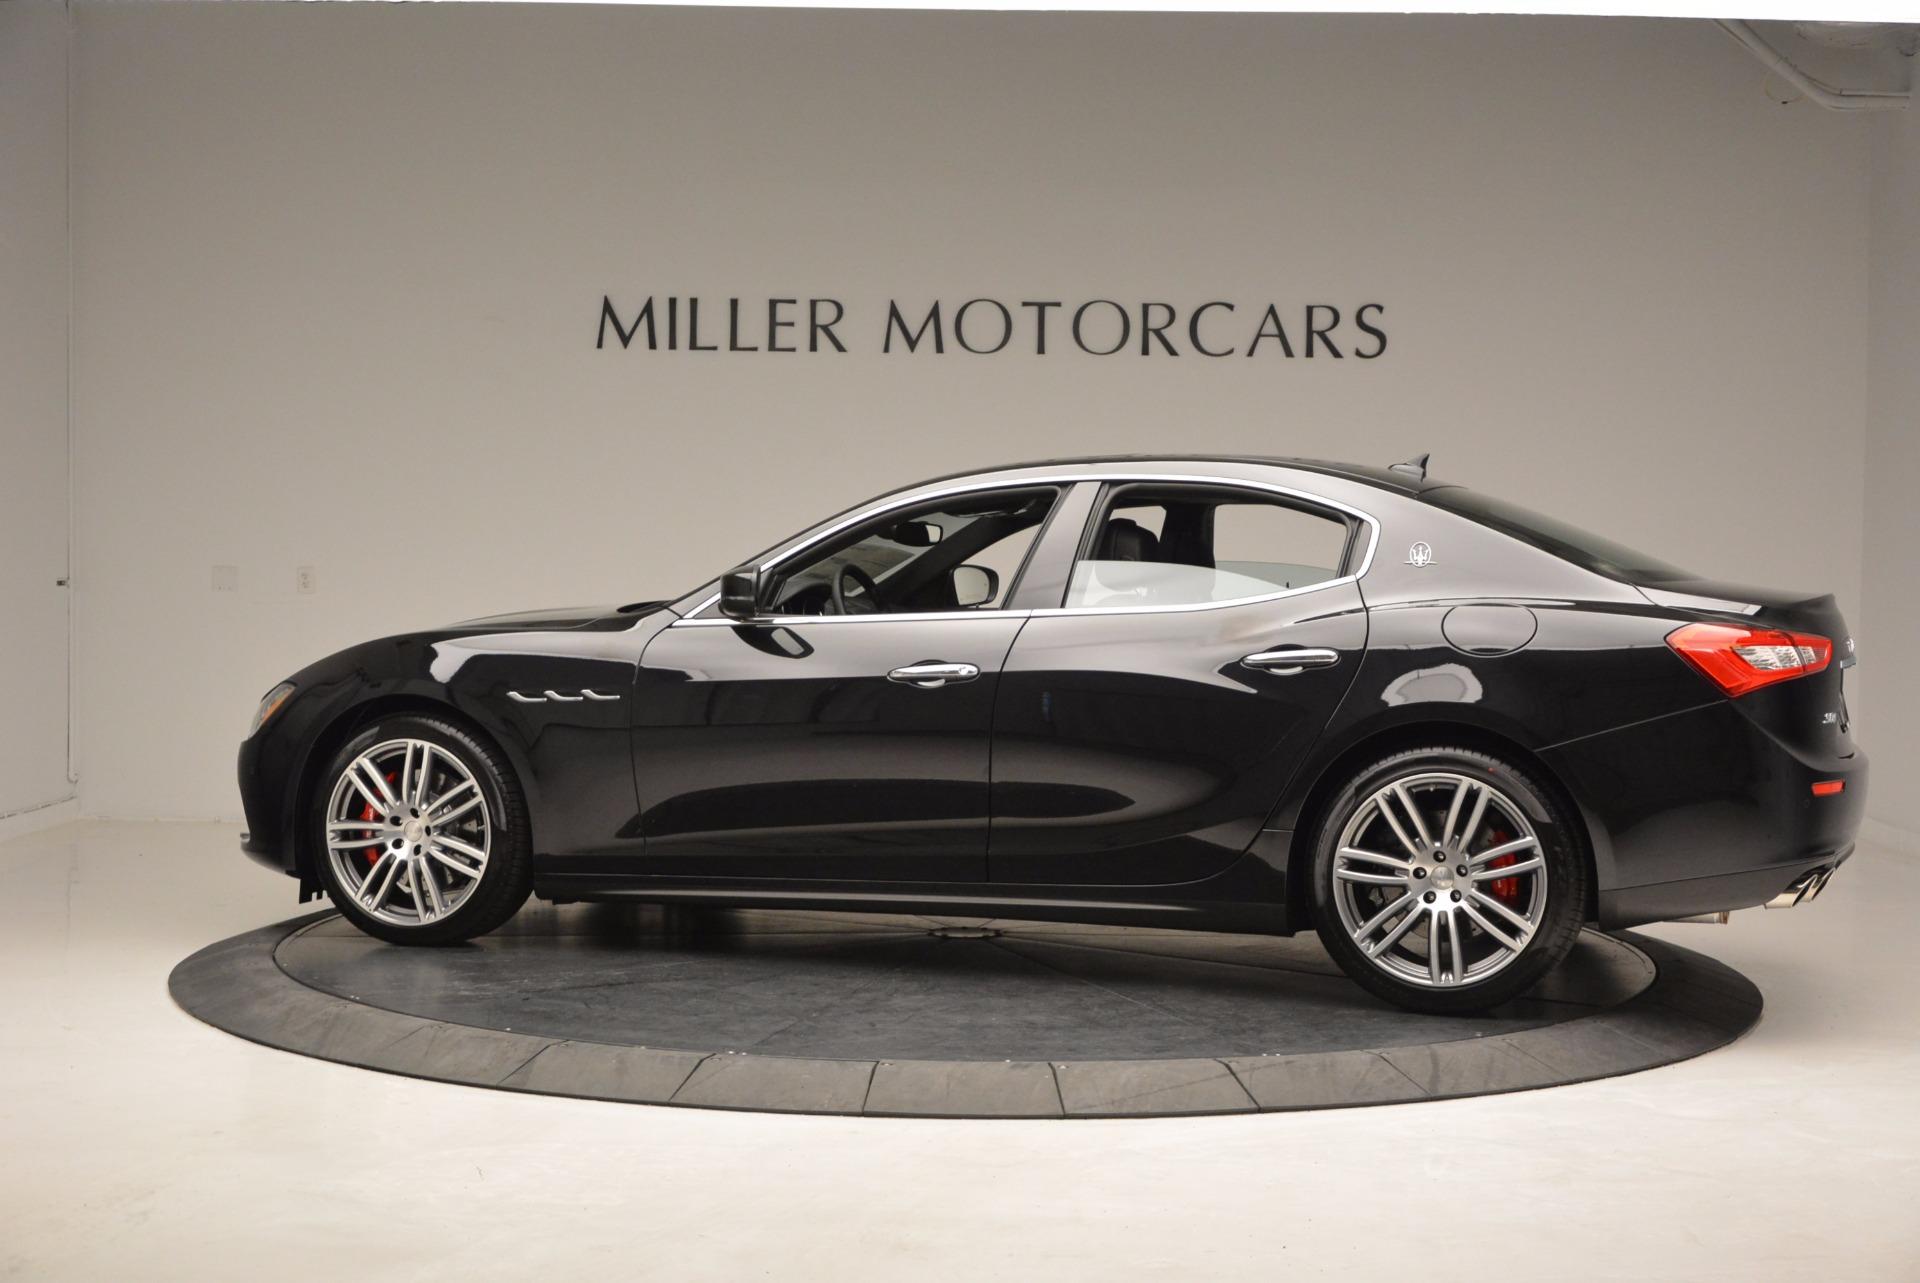 New 2017 Maserati Ghibli SQ4 For Sale In Greenwich, CT 1033_p4